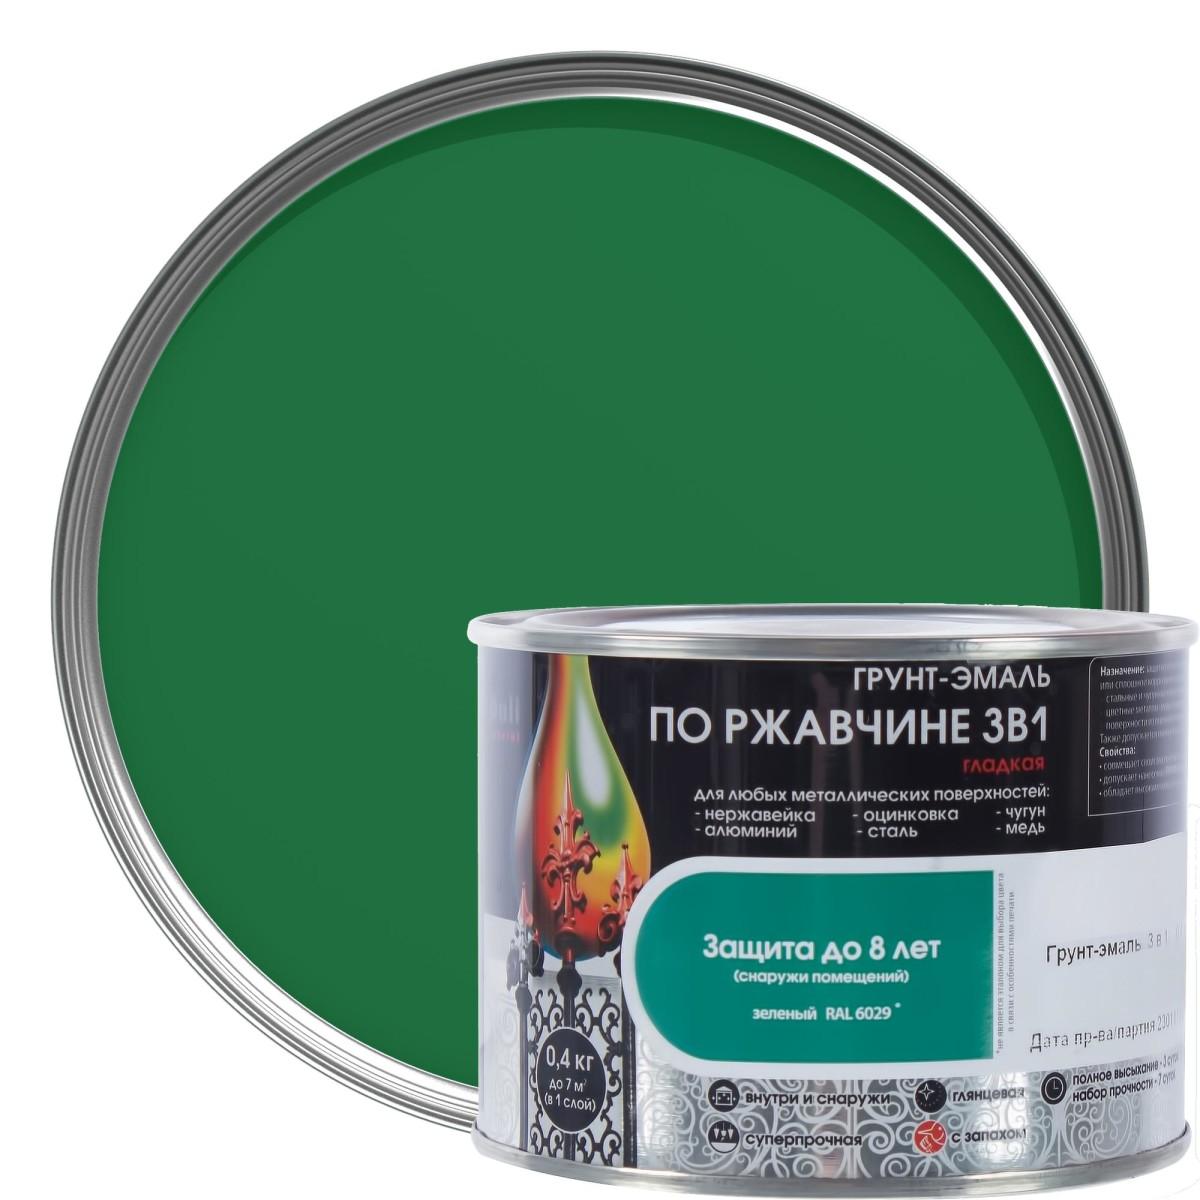 Грунт эмаль по ржавчине 3 в 1 гладкая Dali Special  цвет зеленый 0.4 кг